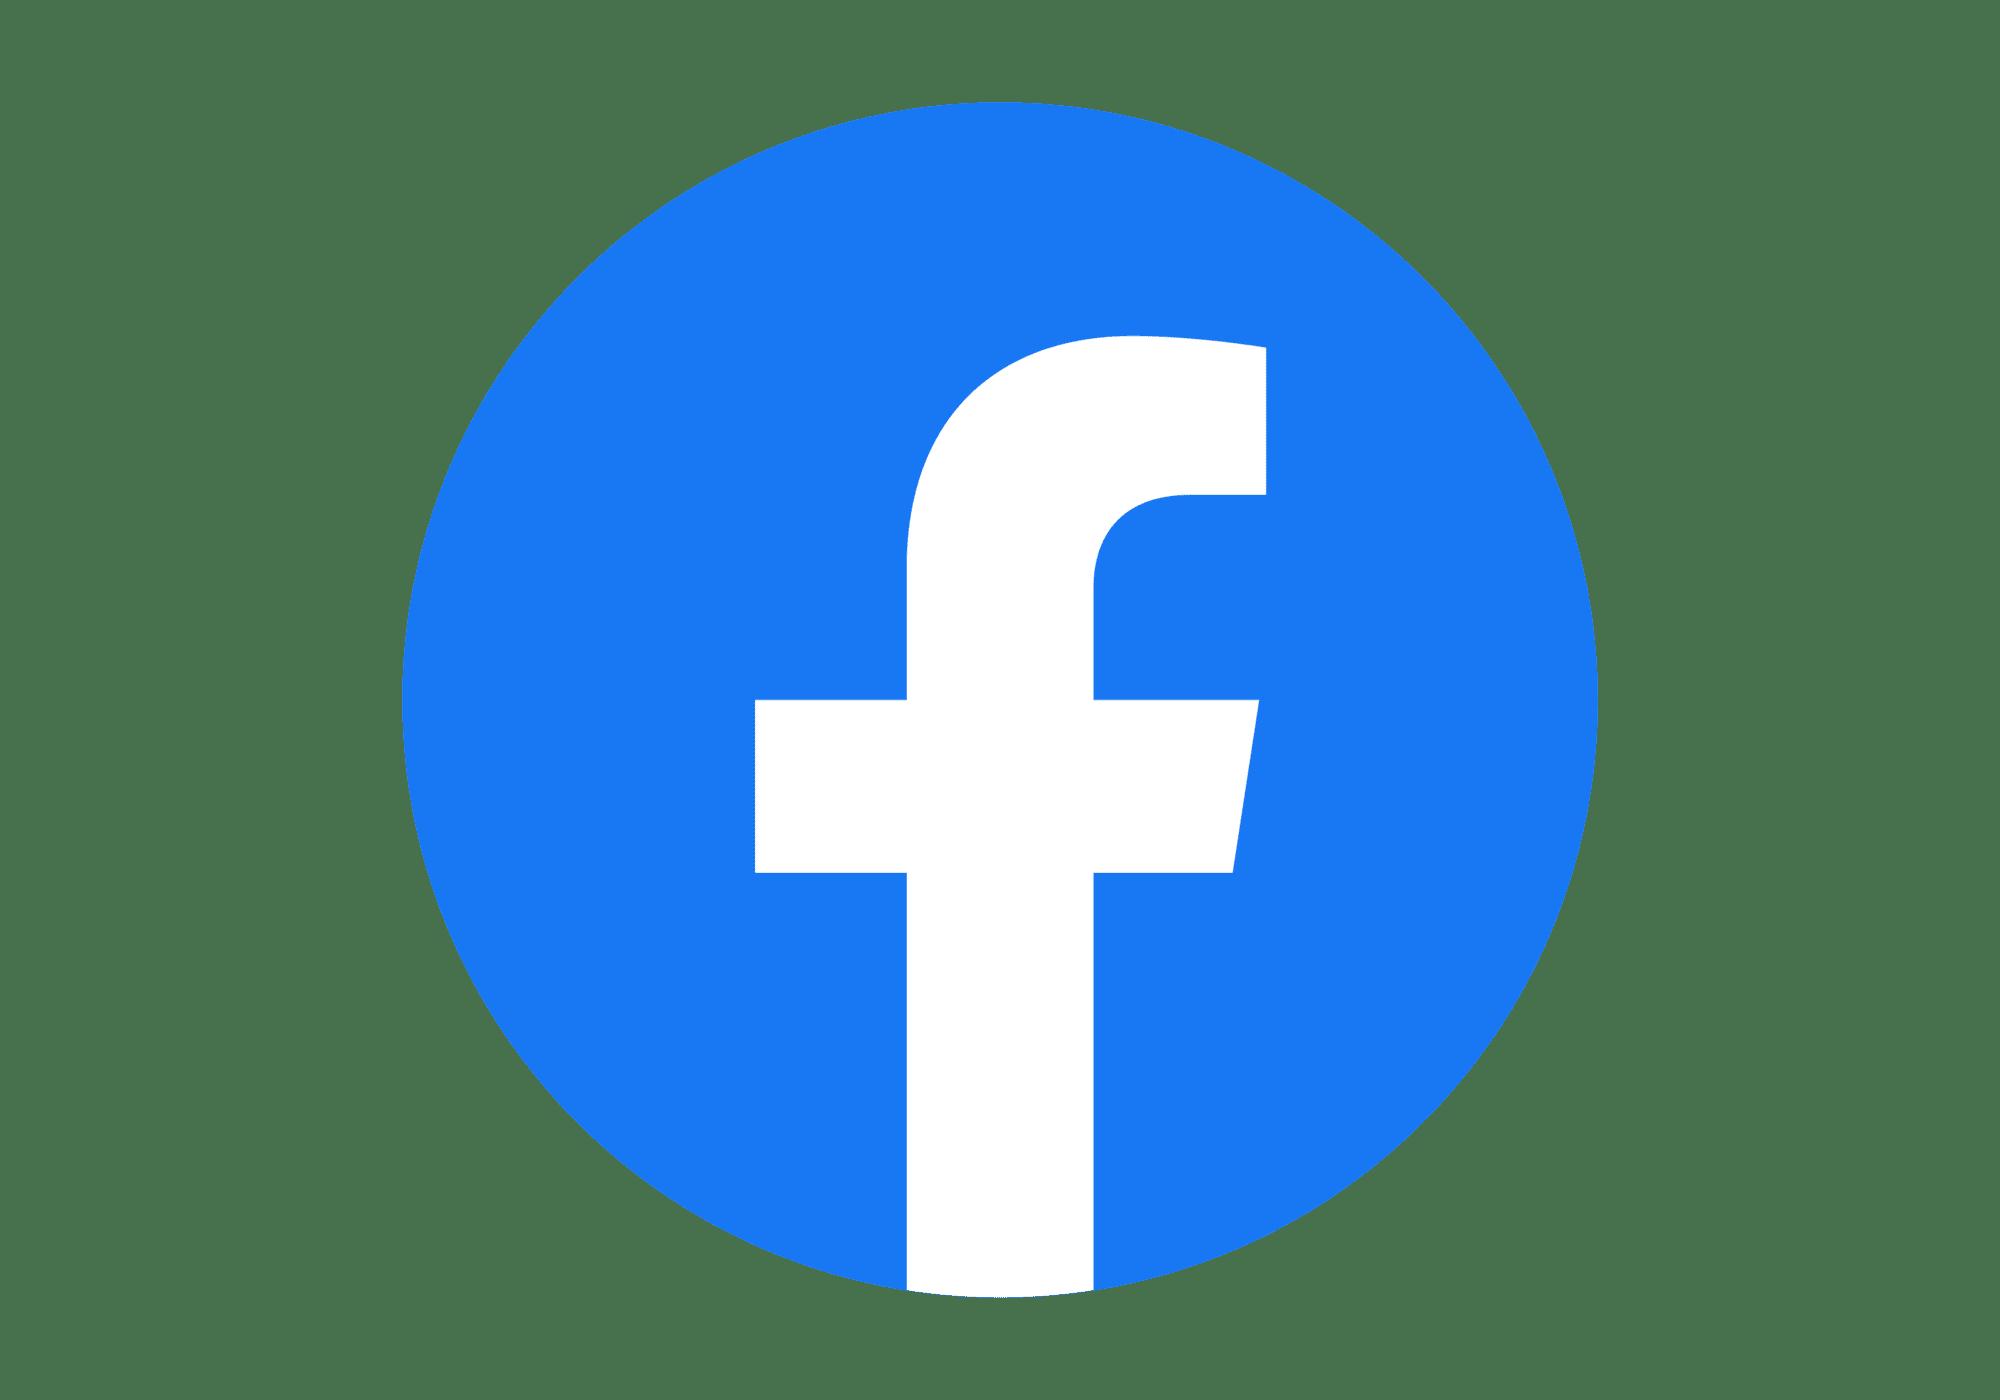 αγορα facebook likes